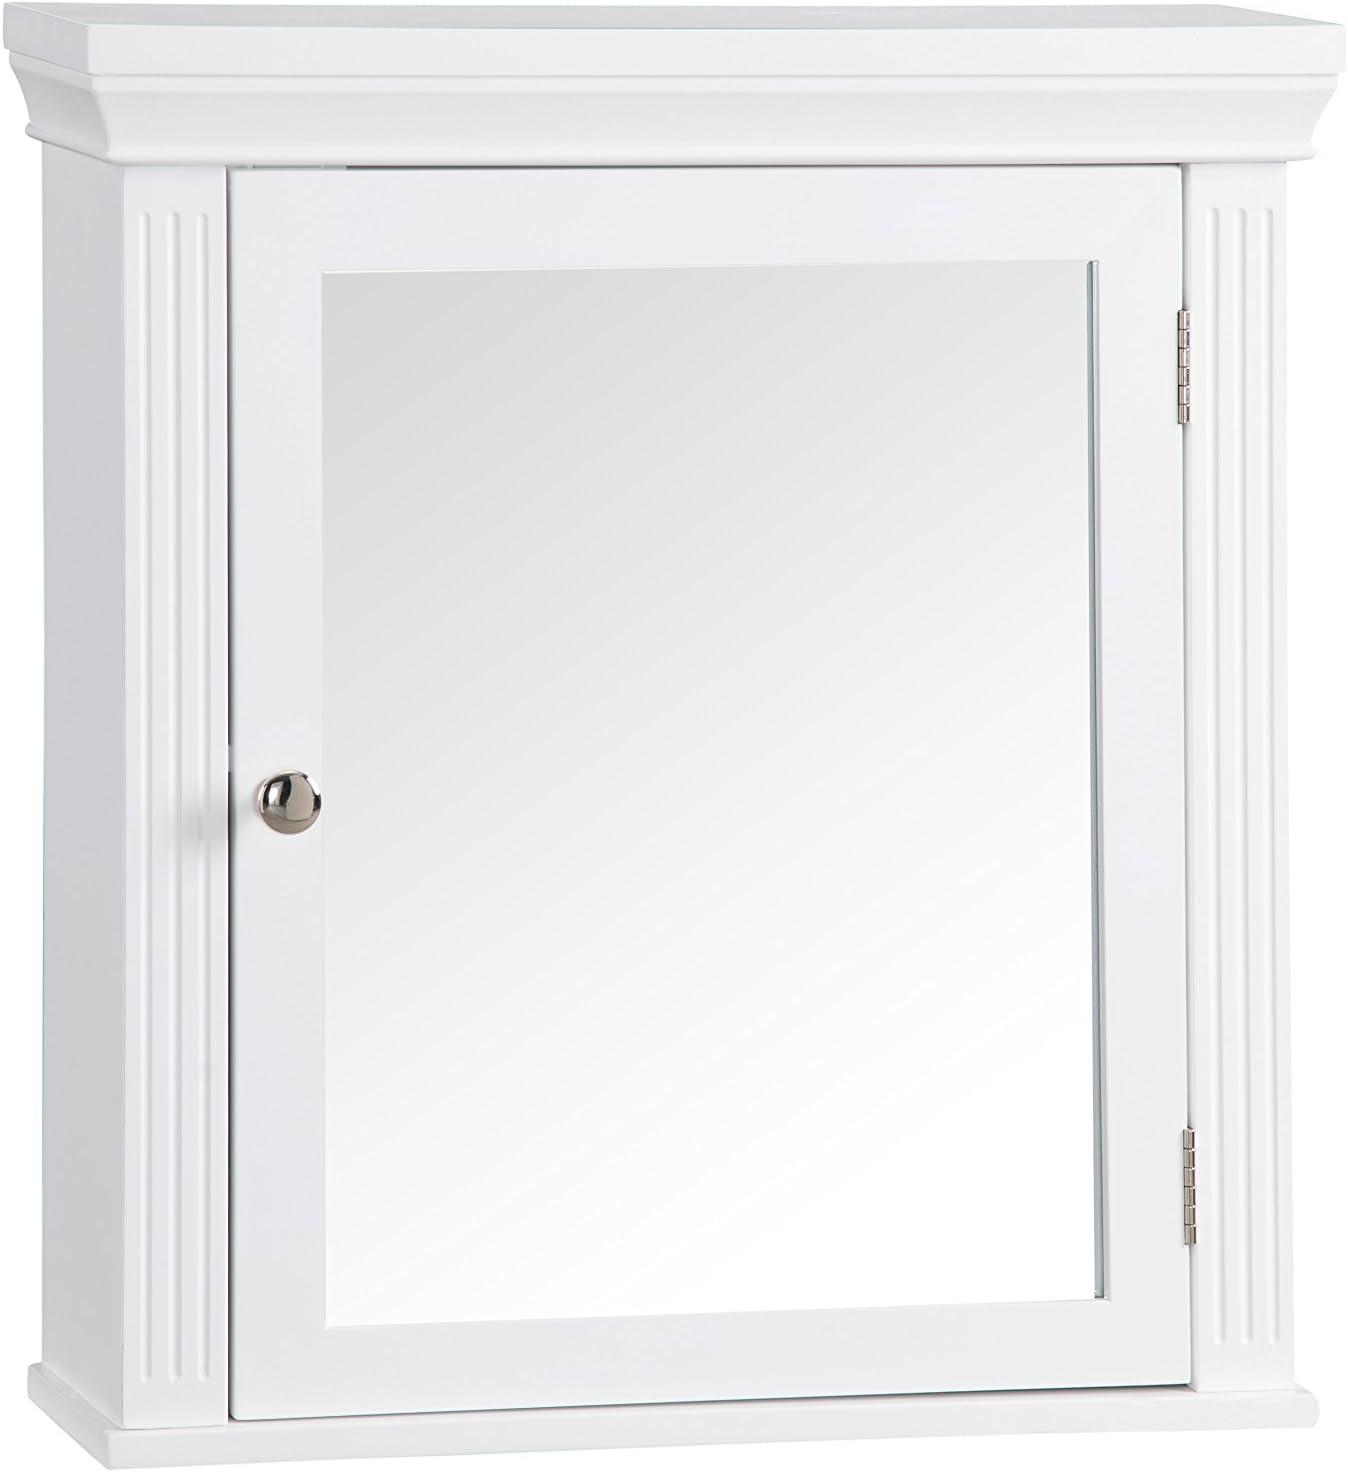 Elegant Home Fashion Chestnut Medicine Wall Cabinet Bathroom Storage